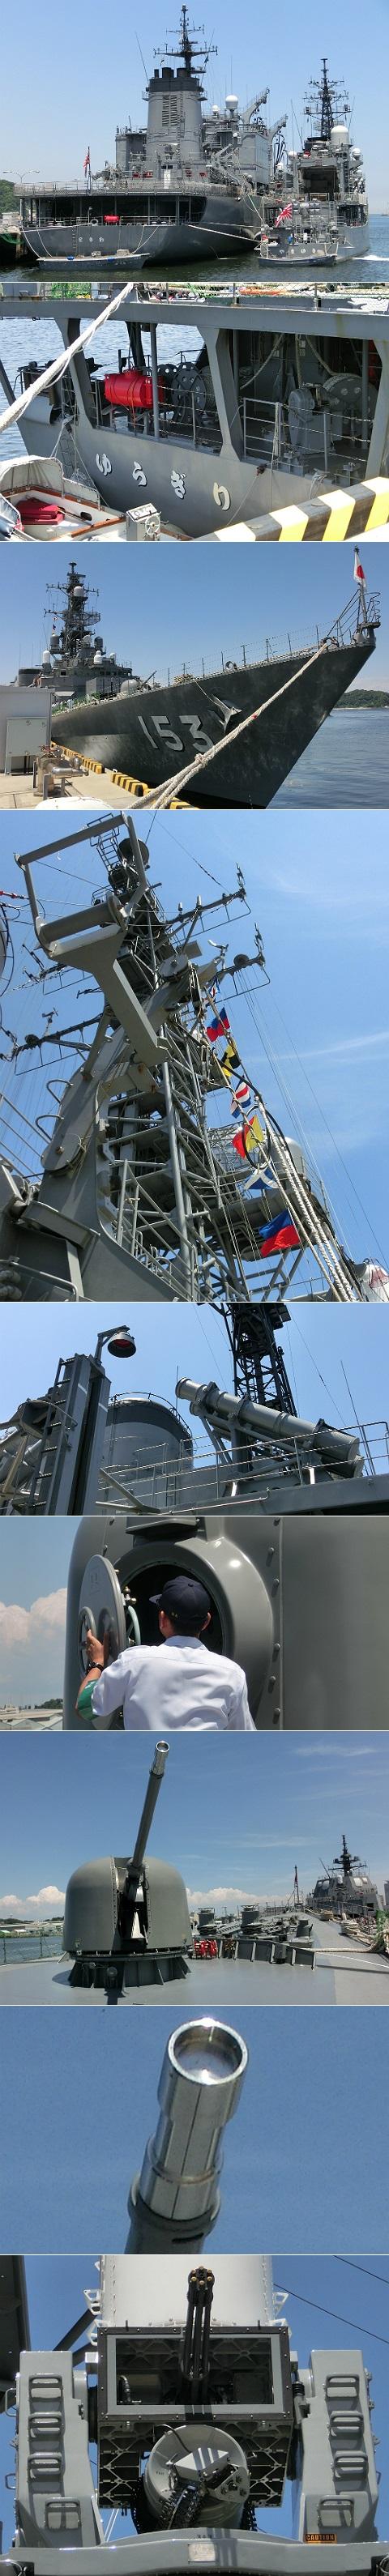 海上自衛隊横須賀地方総監部 艦艇一般公開 護衛艦「ゆうぎり」